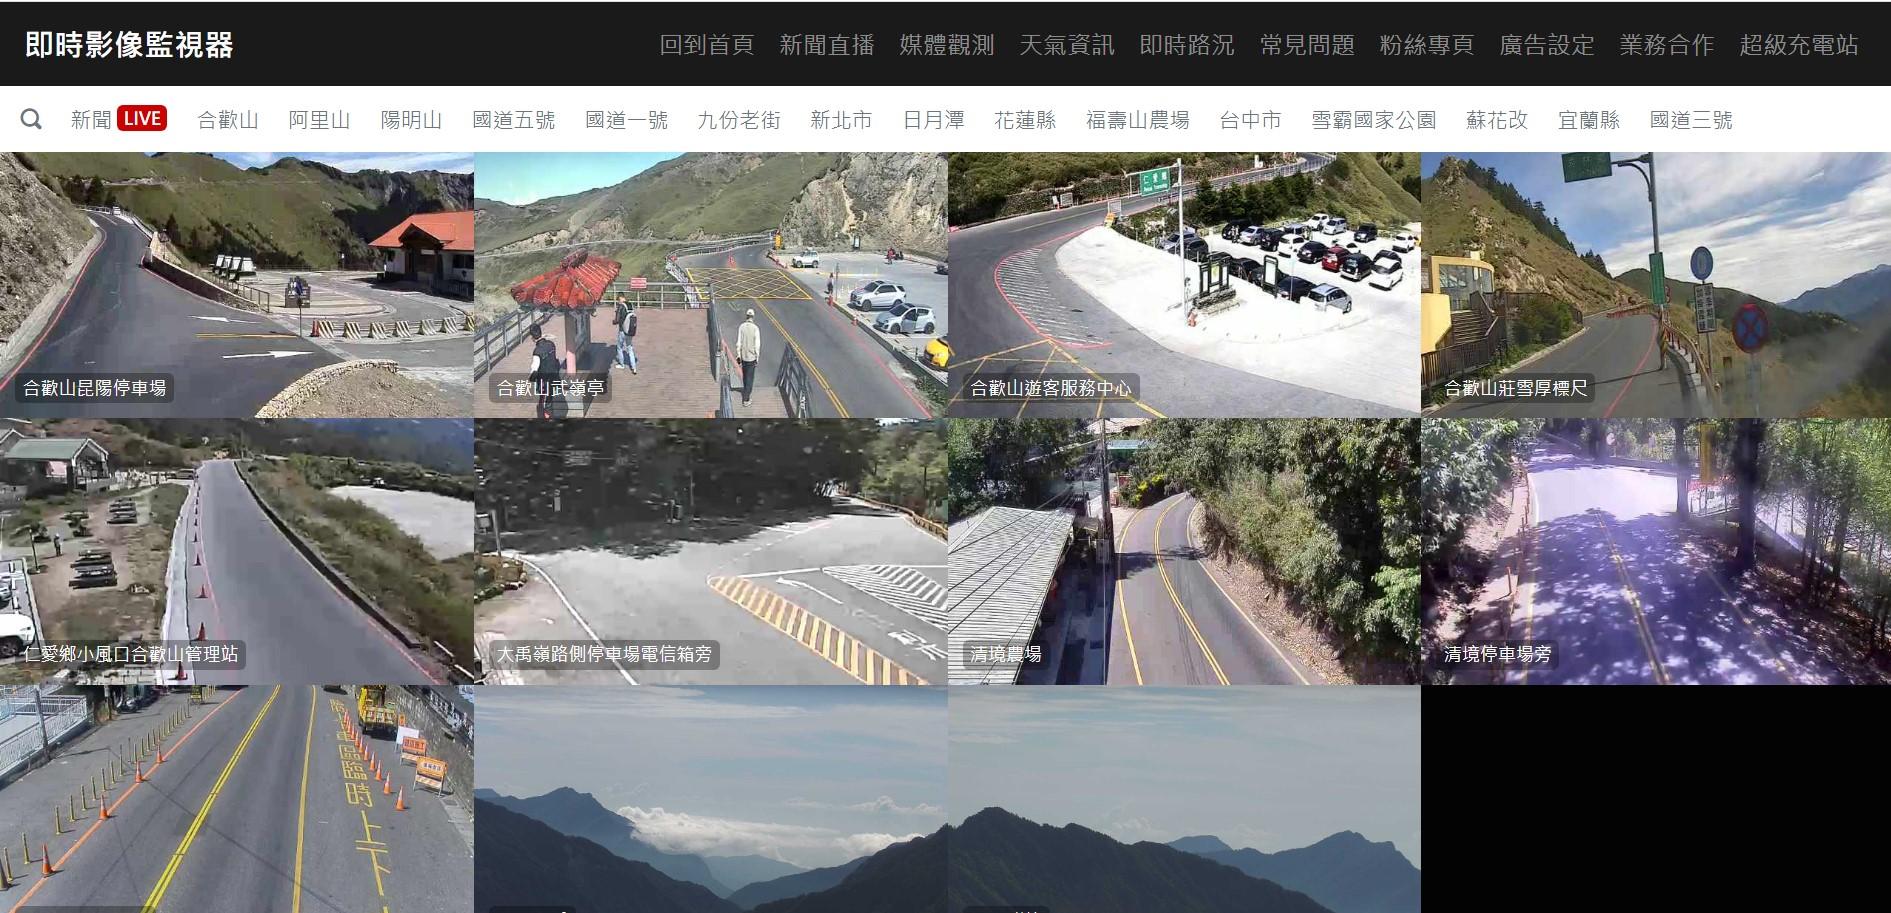 全台即時影像   收錄全台灣即時影像網站,讓你出門前先知道人潮、路況、天氣 (包含路況即時影像、旅遊景點即時影像)